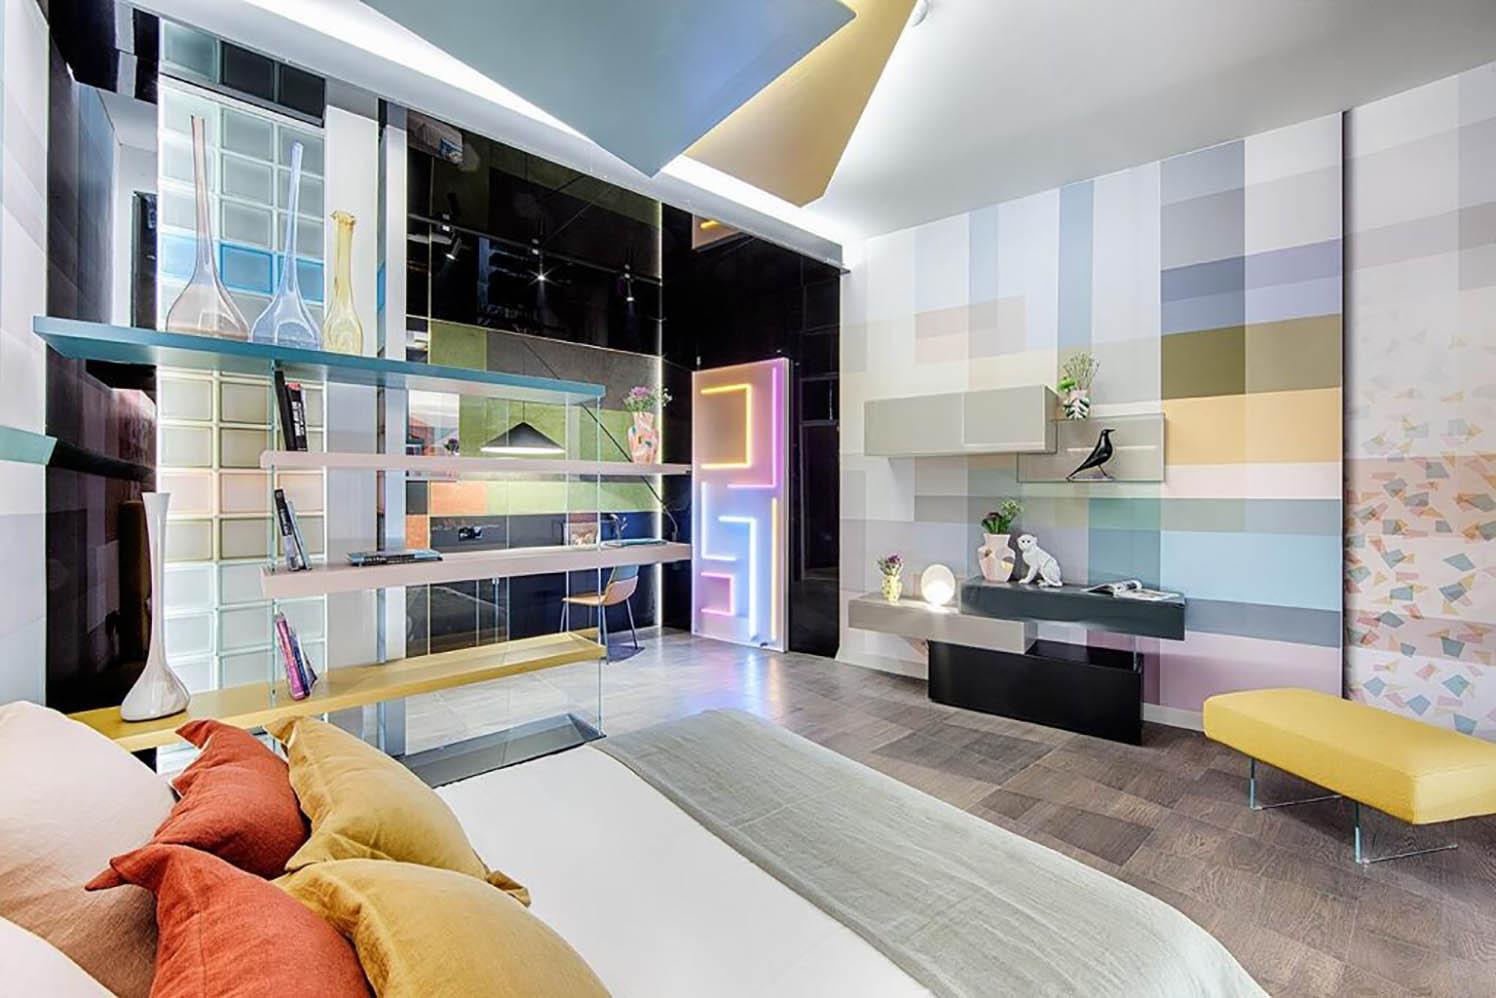 Casa Decor 2019 Dream in colors